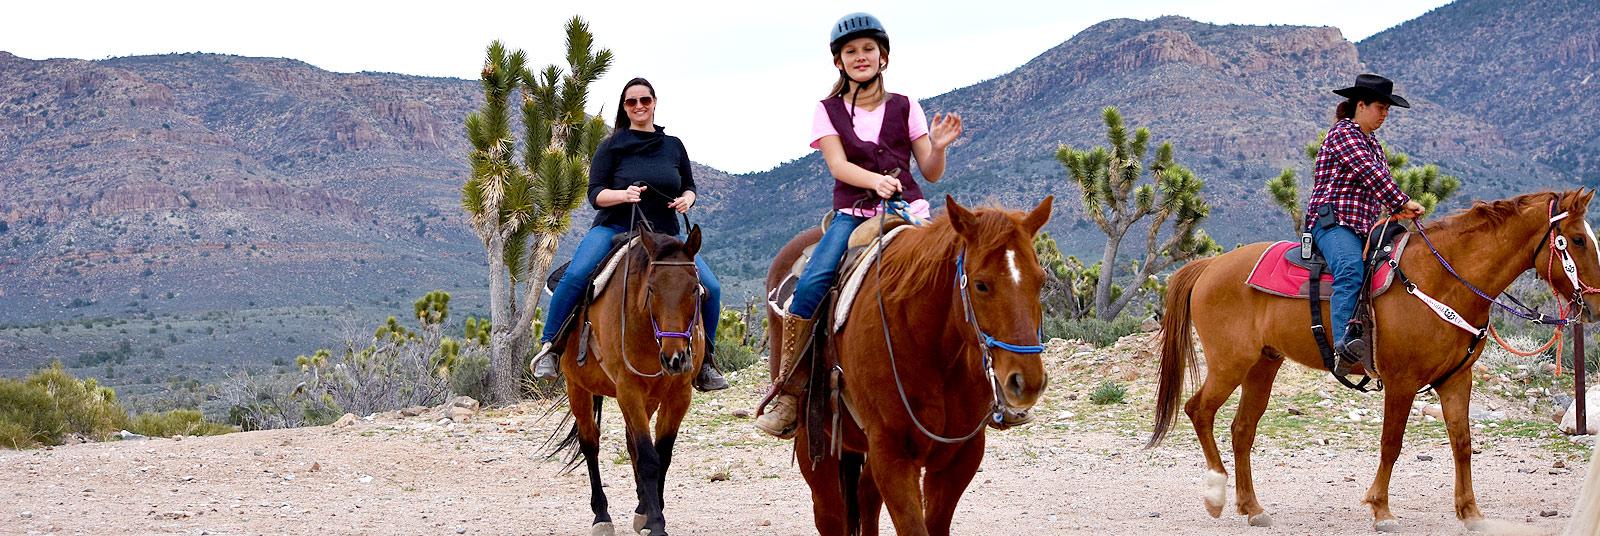 Geldings wallachebig valley ranch horses for sale